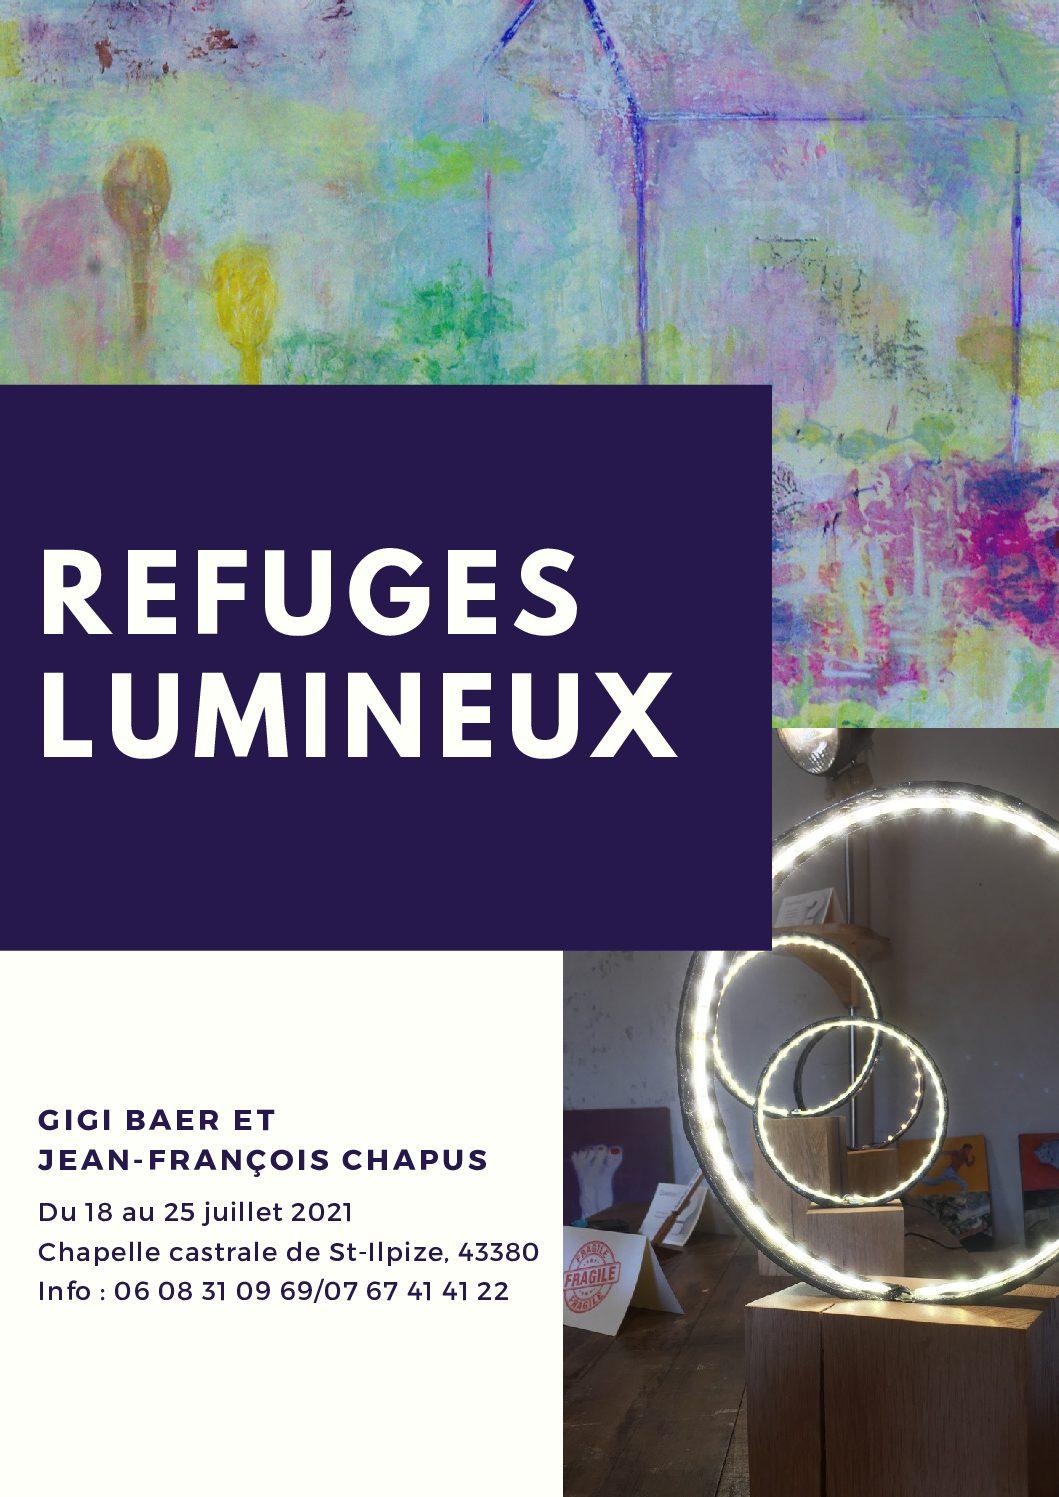 Refuges lumineux